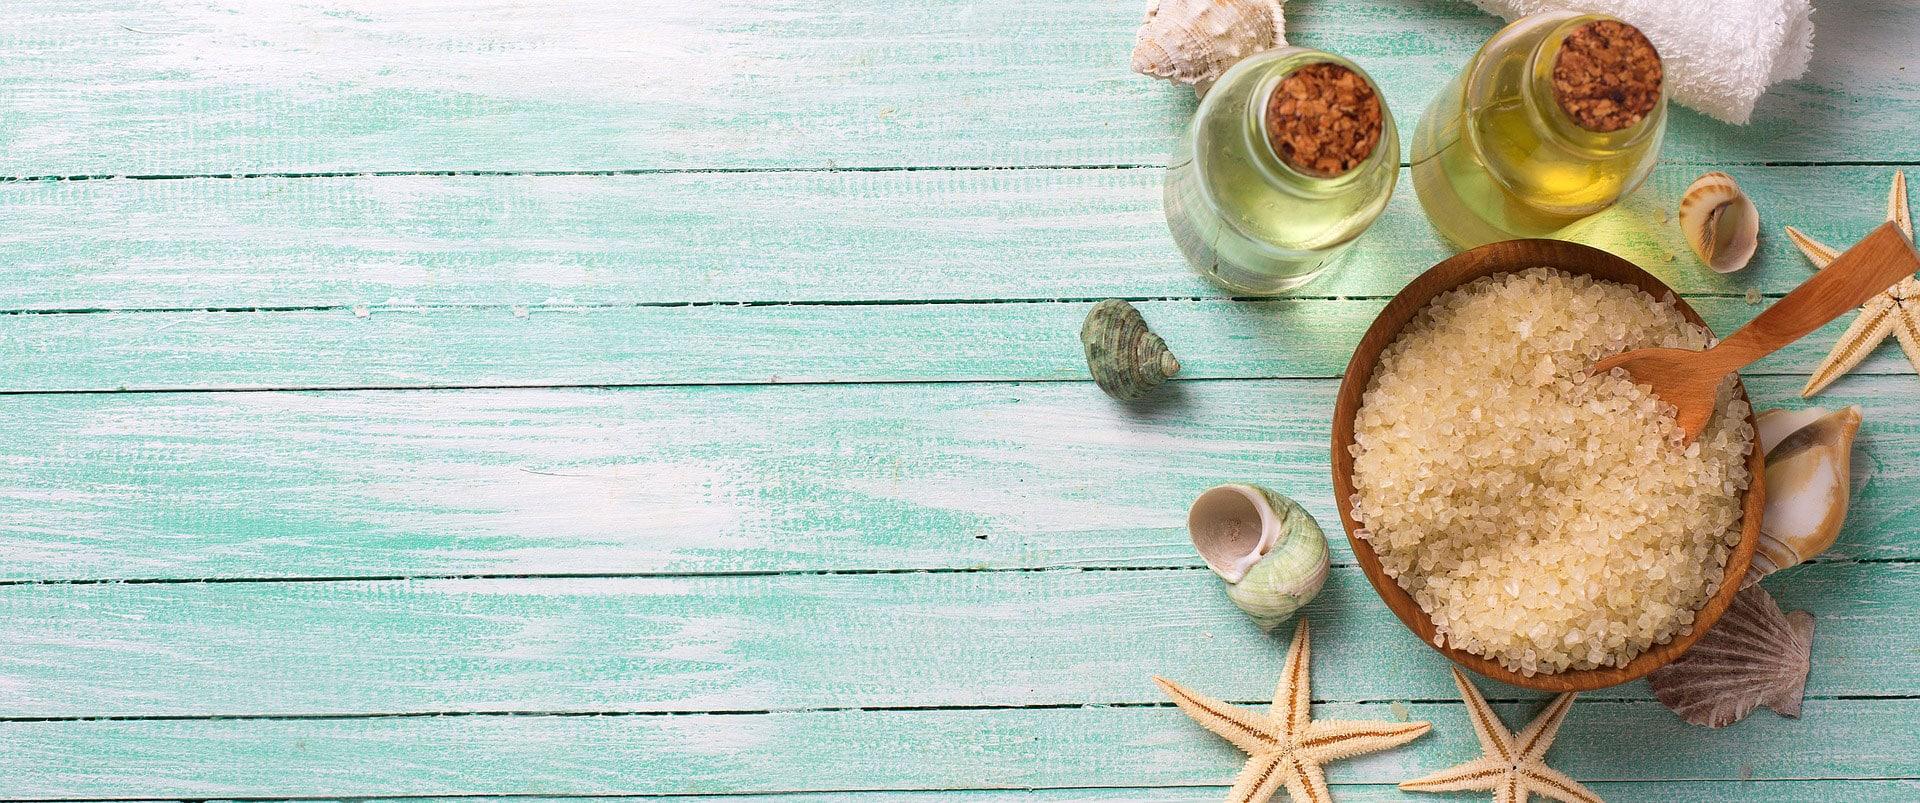 Sommerbehandlung, Muscheln, Seesterne, Salze und Öl auf einem türkisen Tisch